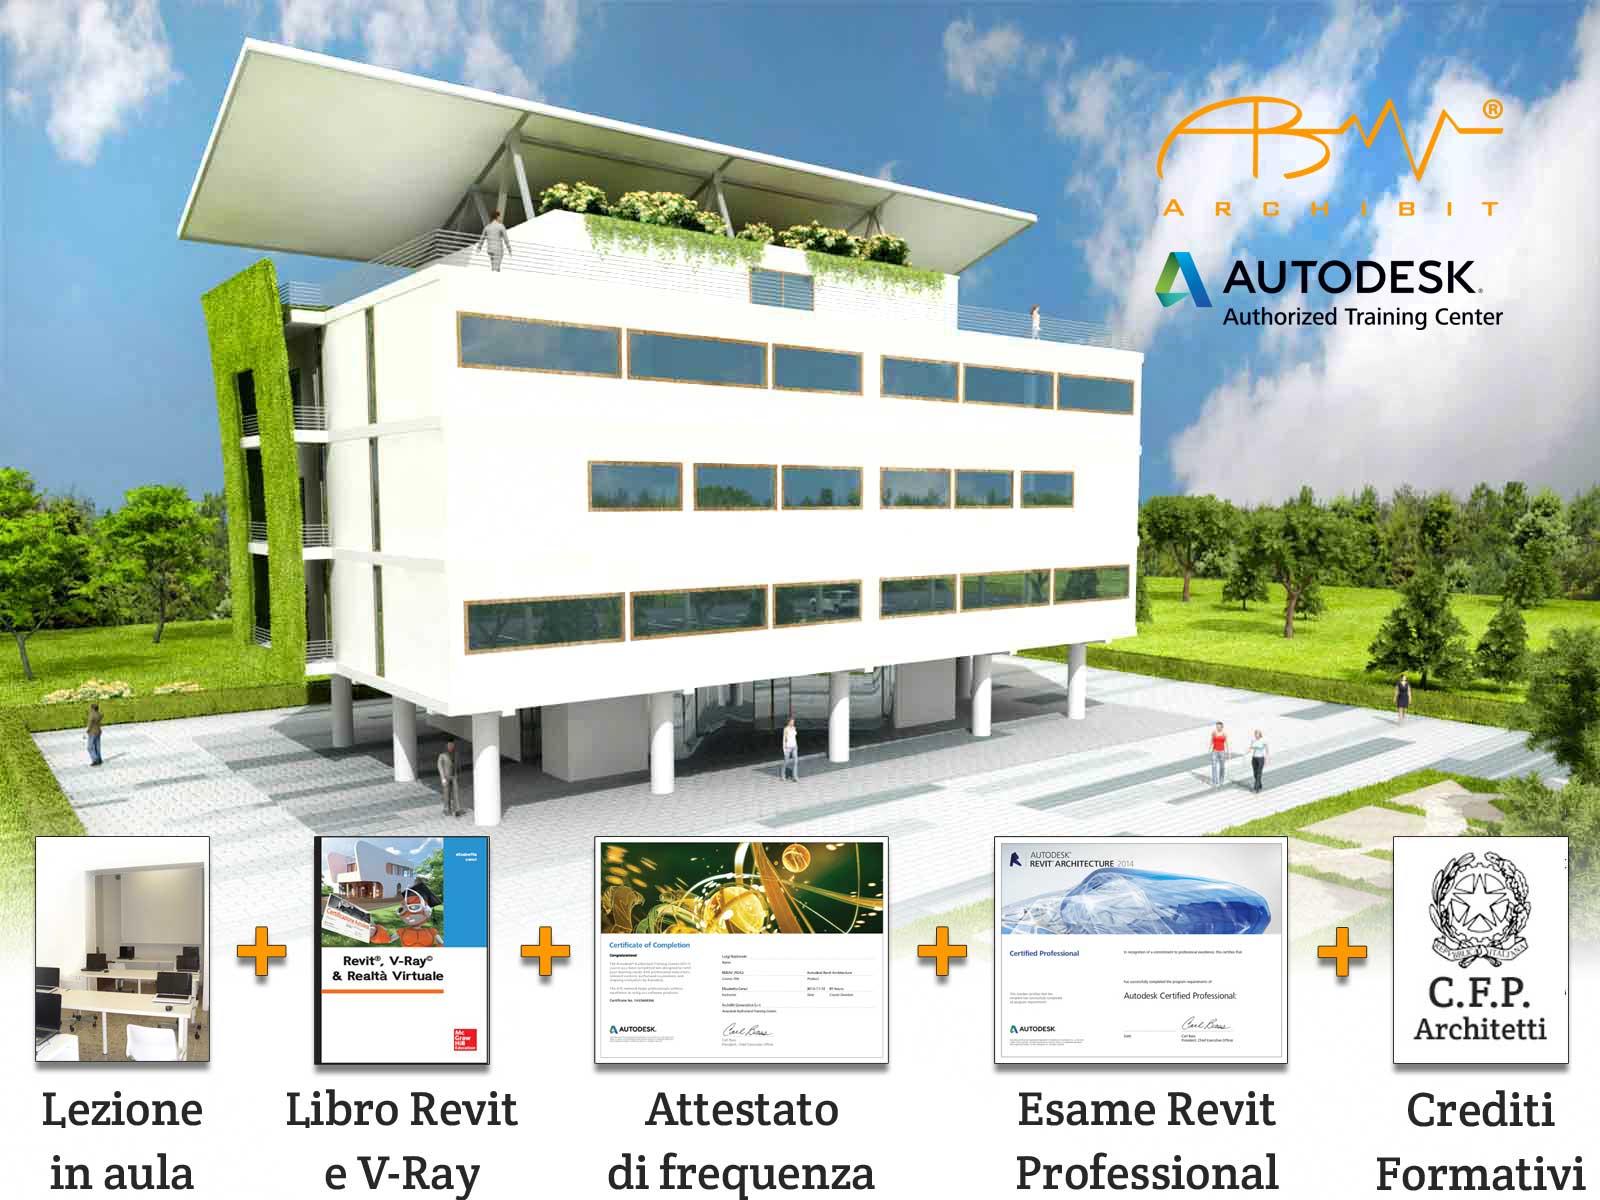 corso revit completo certificazione professional autodesk bim roma manuale elisabetta cenci design archibit centro corsi grafica 3d.jpg